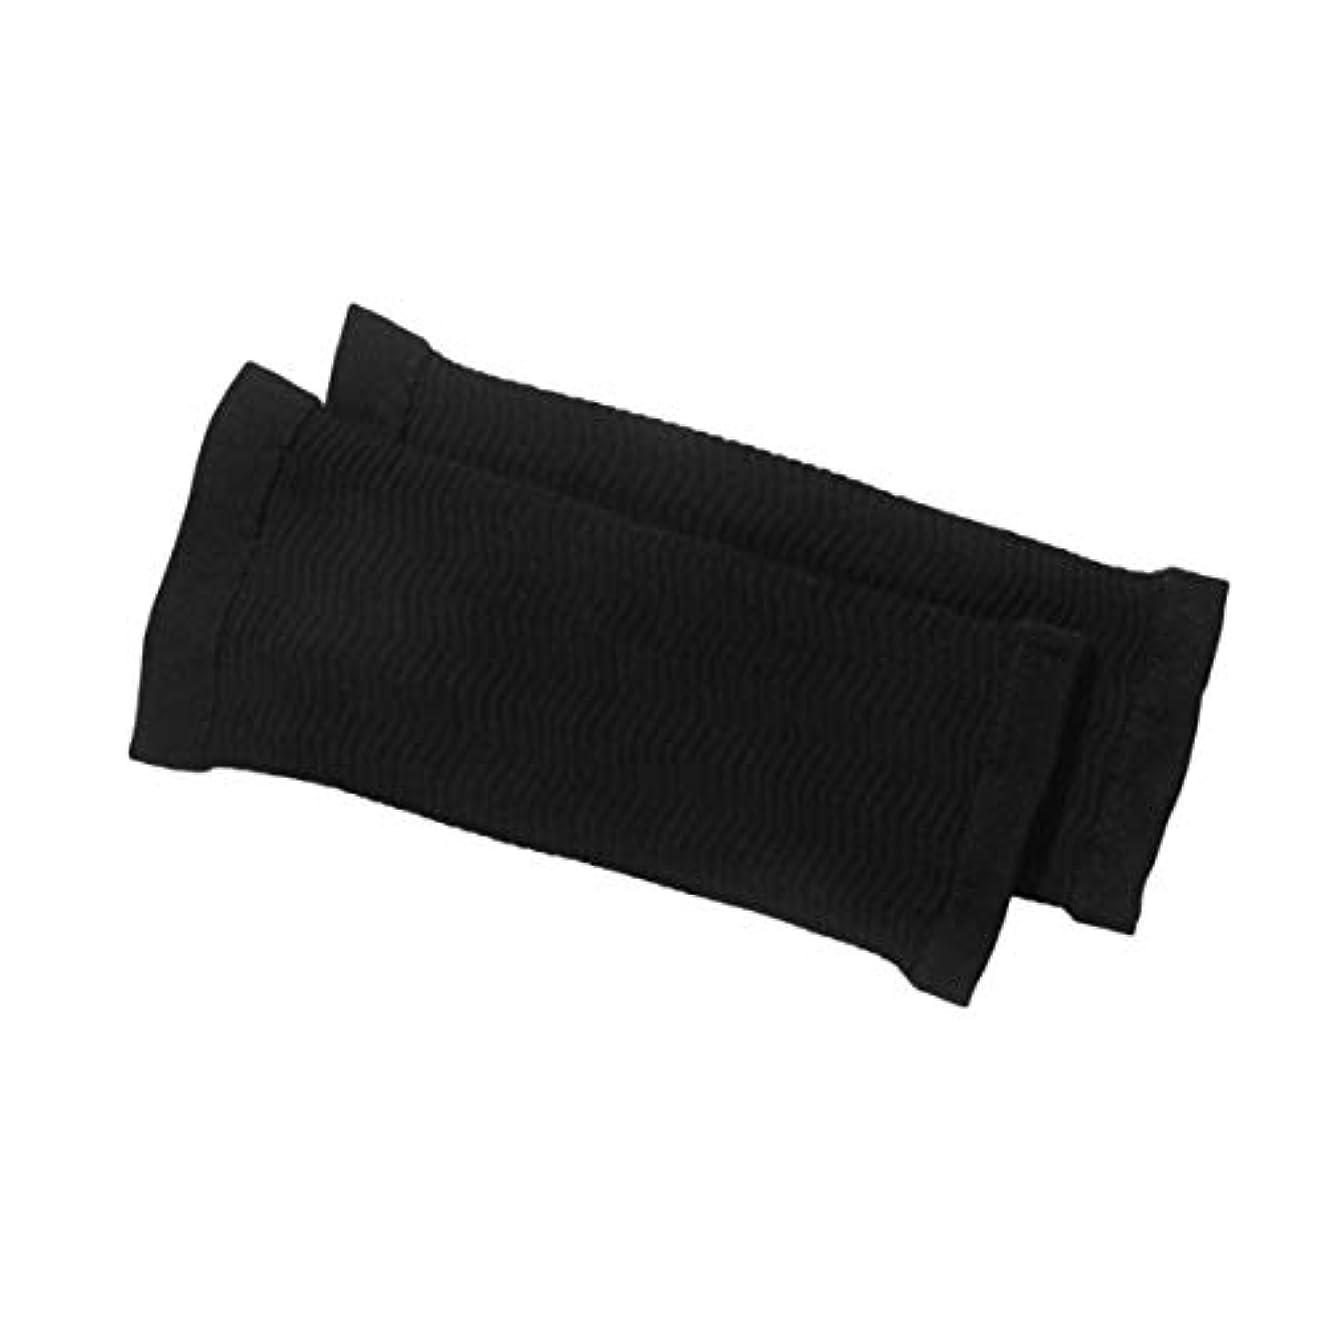 細断告白するセッティング1ペア420 D圧縮痩身アームスリーブワークアウトトーニングバーンセルライトシェイパー脂肪燃焼袖用女性 - 黒